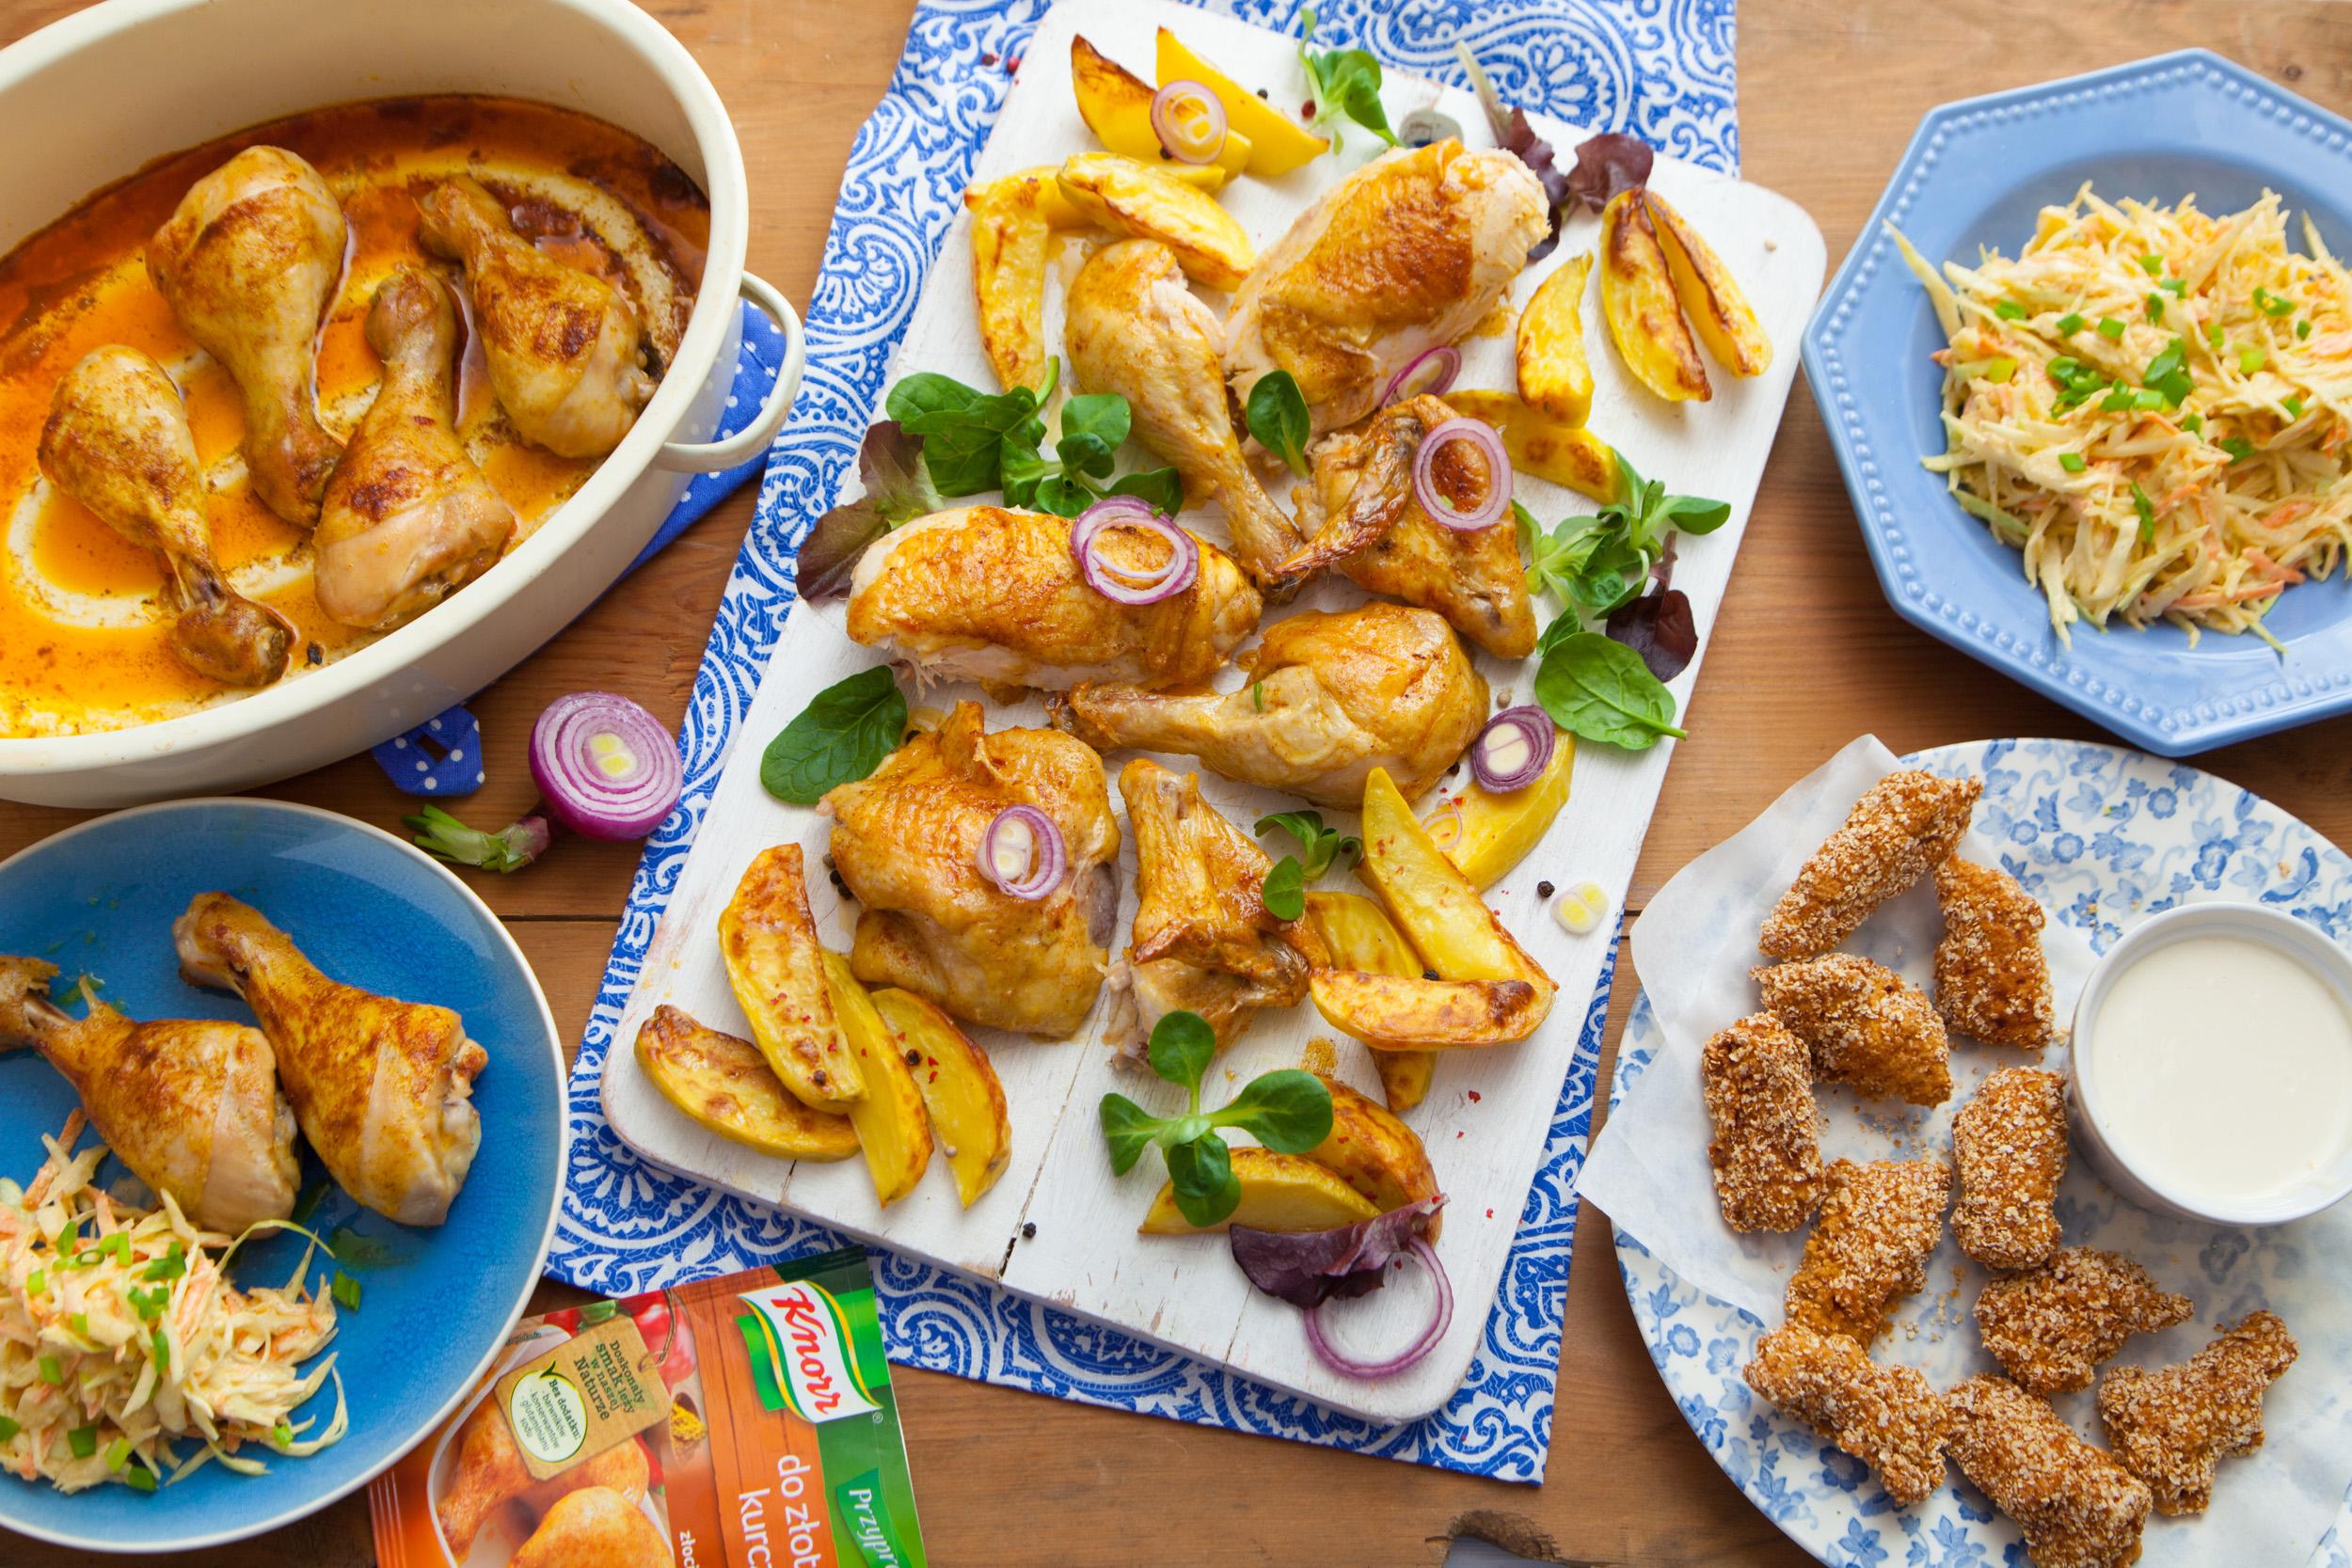 Pomysł na szybki obiad – trzy pomysły na złotego kurczaka.